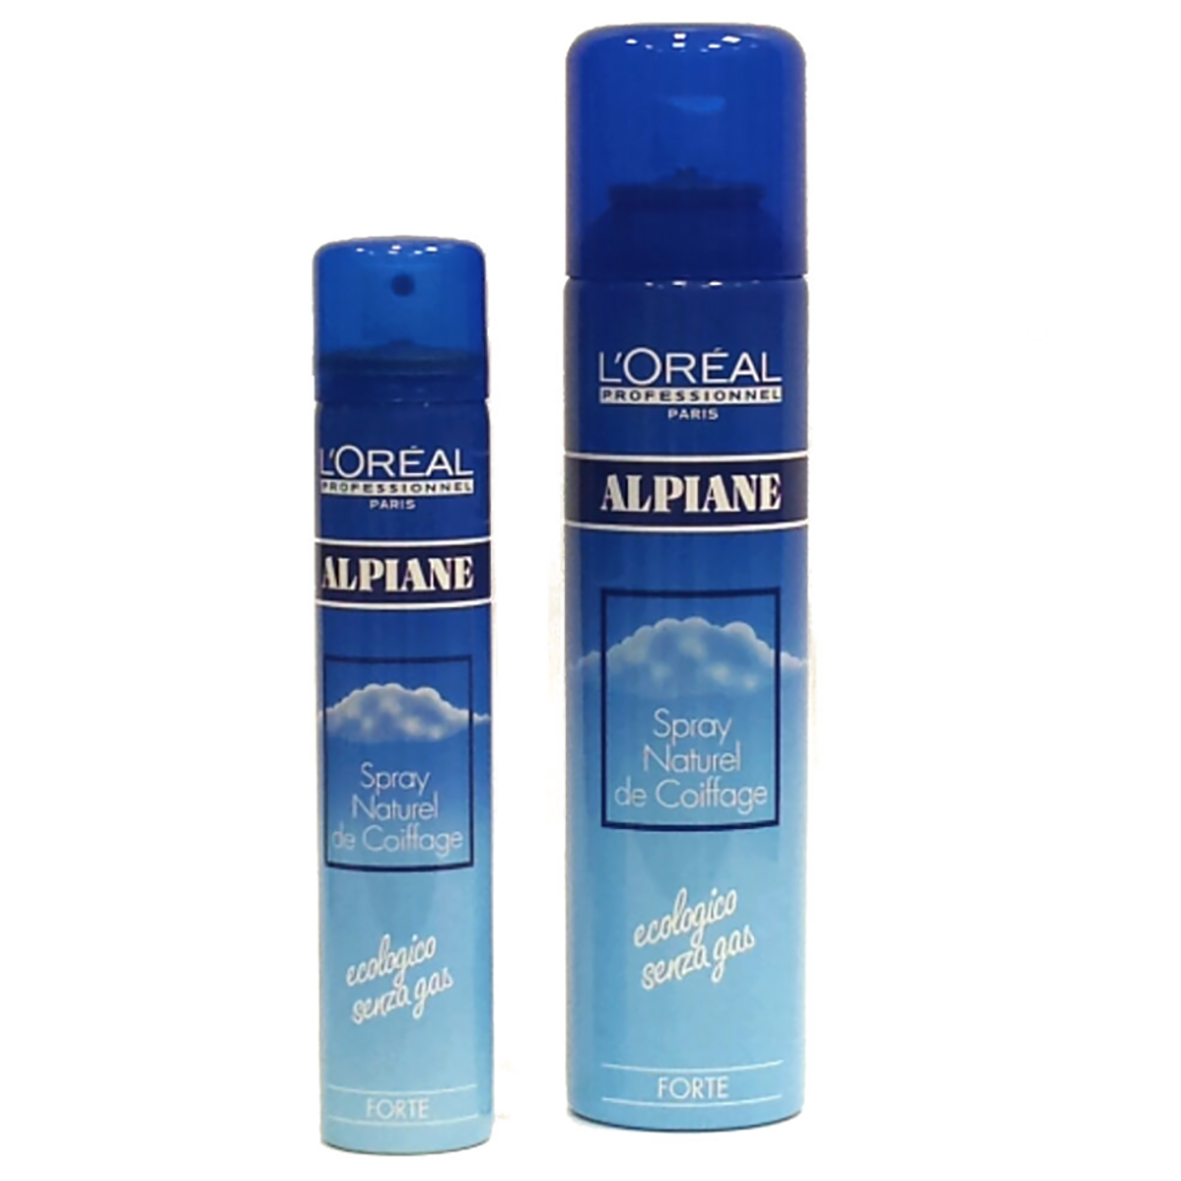 12 Lacca Alpiane da 75 e 250 ml